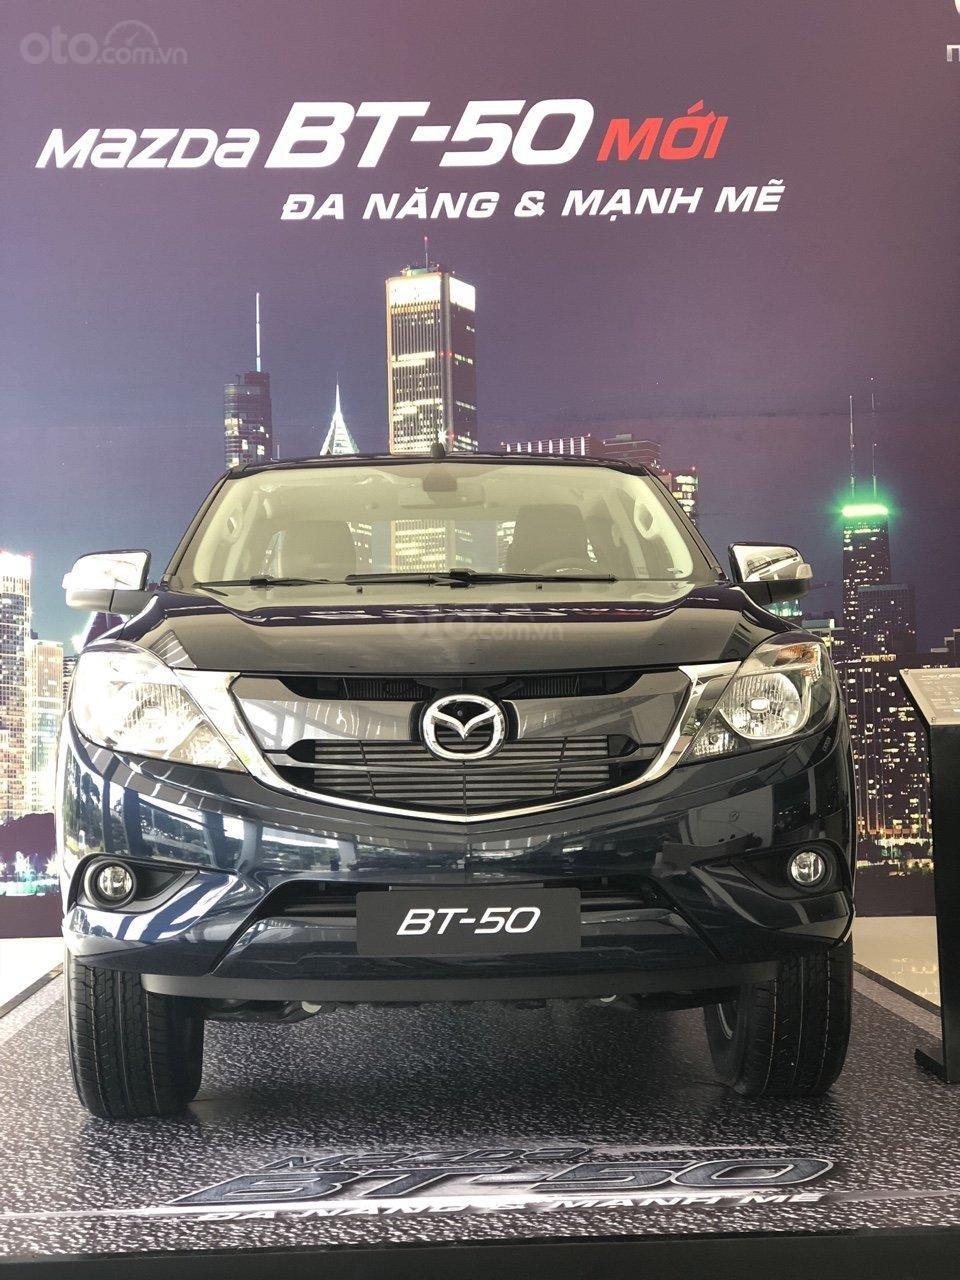 Bán tải BT50 2.2 ATH, giảm tiền mặt + tặng bảo hiểm vật chất khi mua xe trong tháng (1)